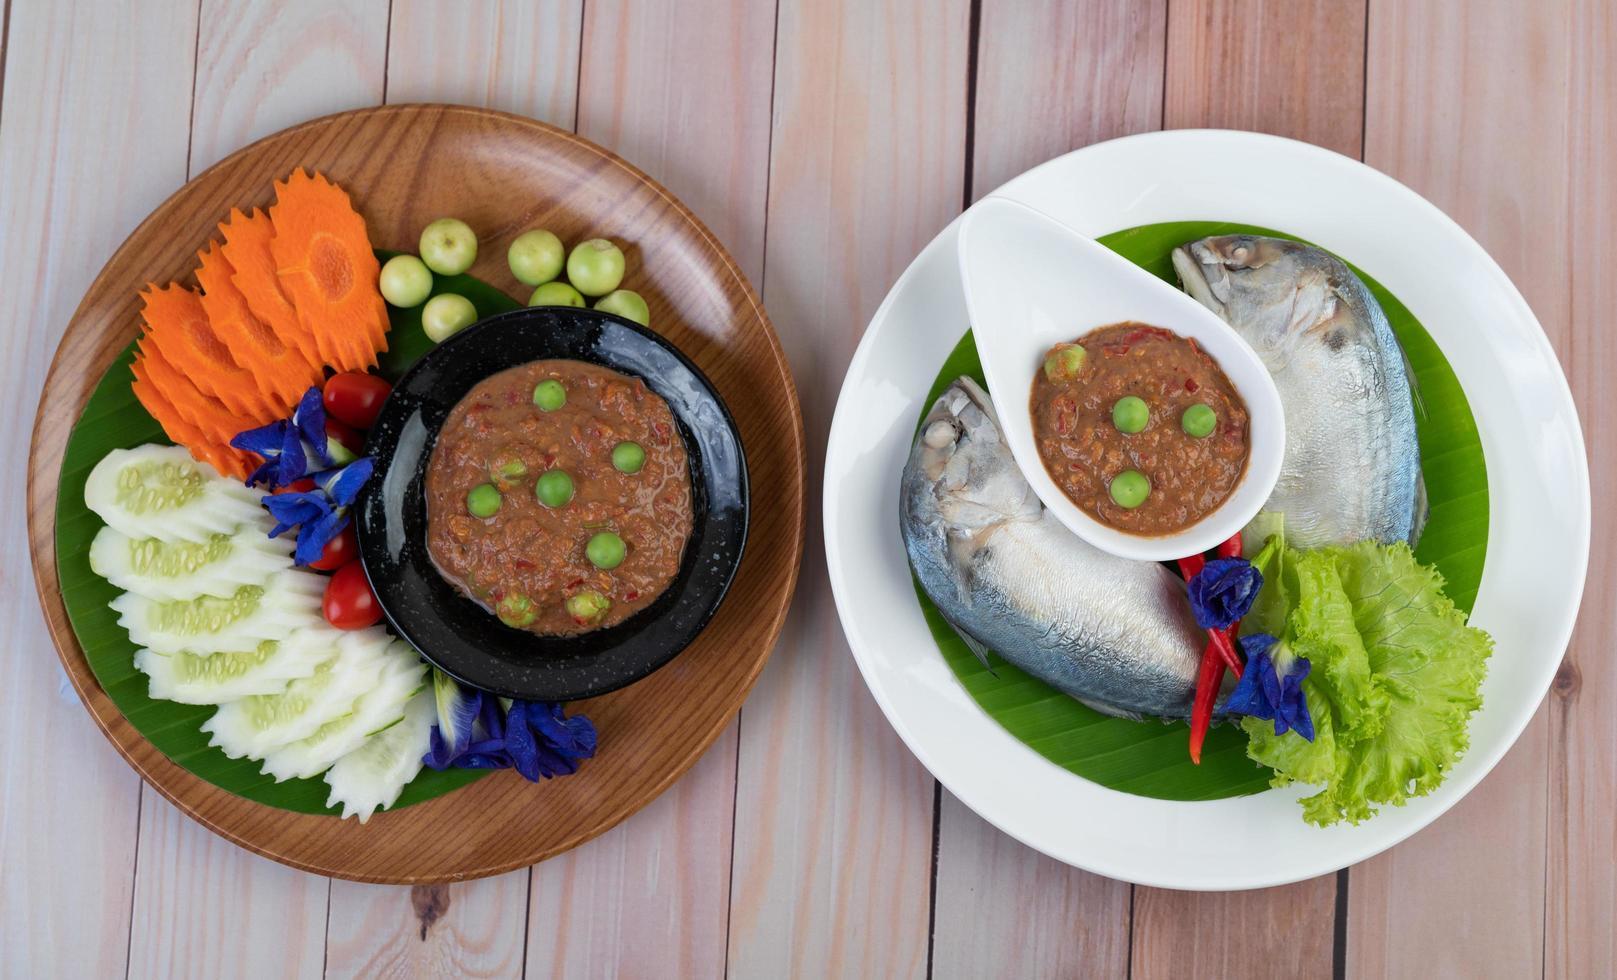 pâte de piment dans un bol avec maquereau et aubergines, carottes, poivrons et concombres photo